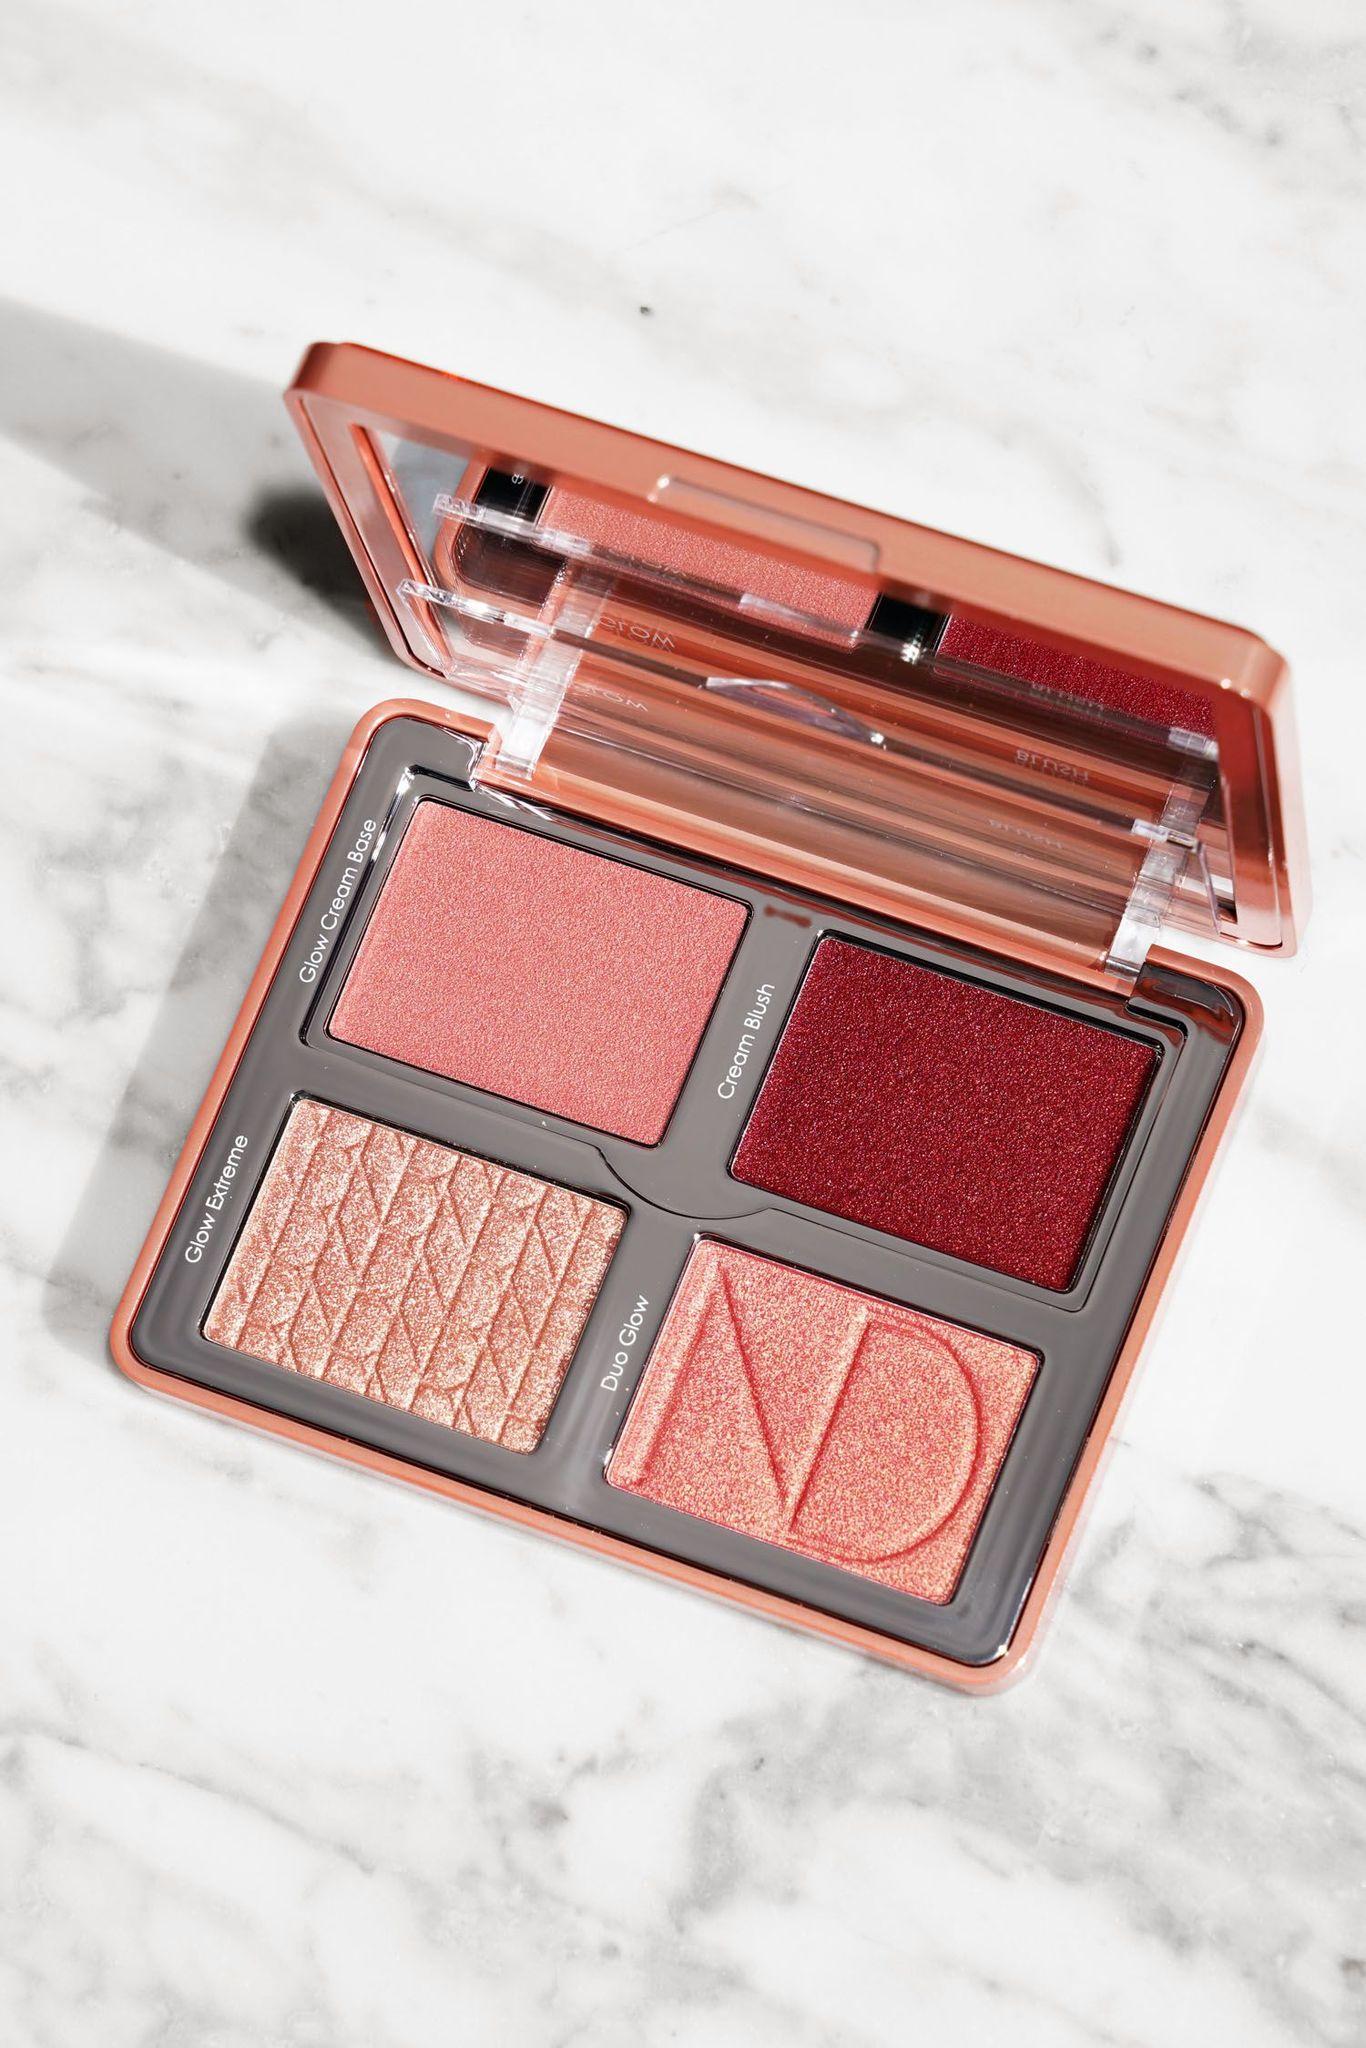 Natasha Denona Bloom Blush & Glow face palette